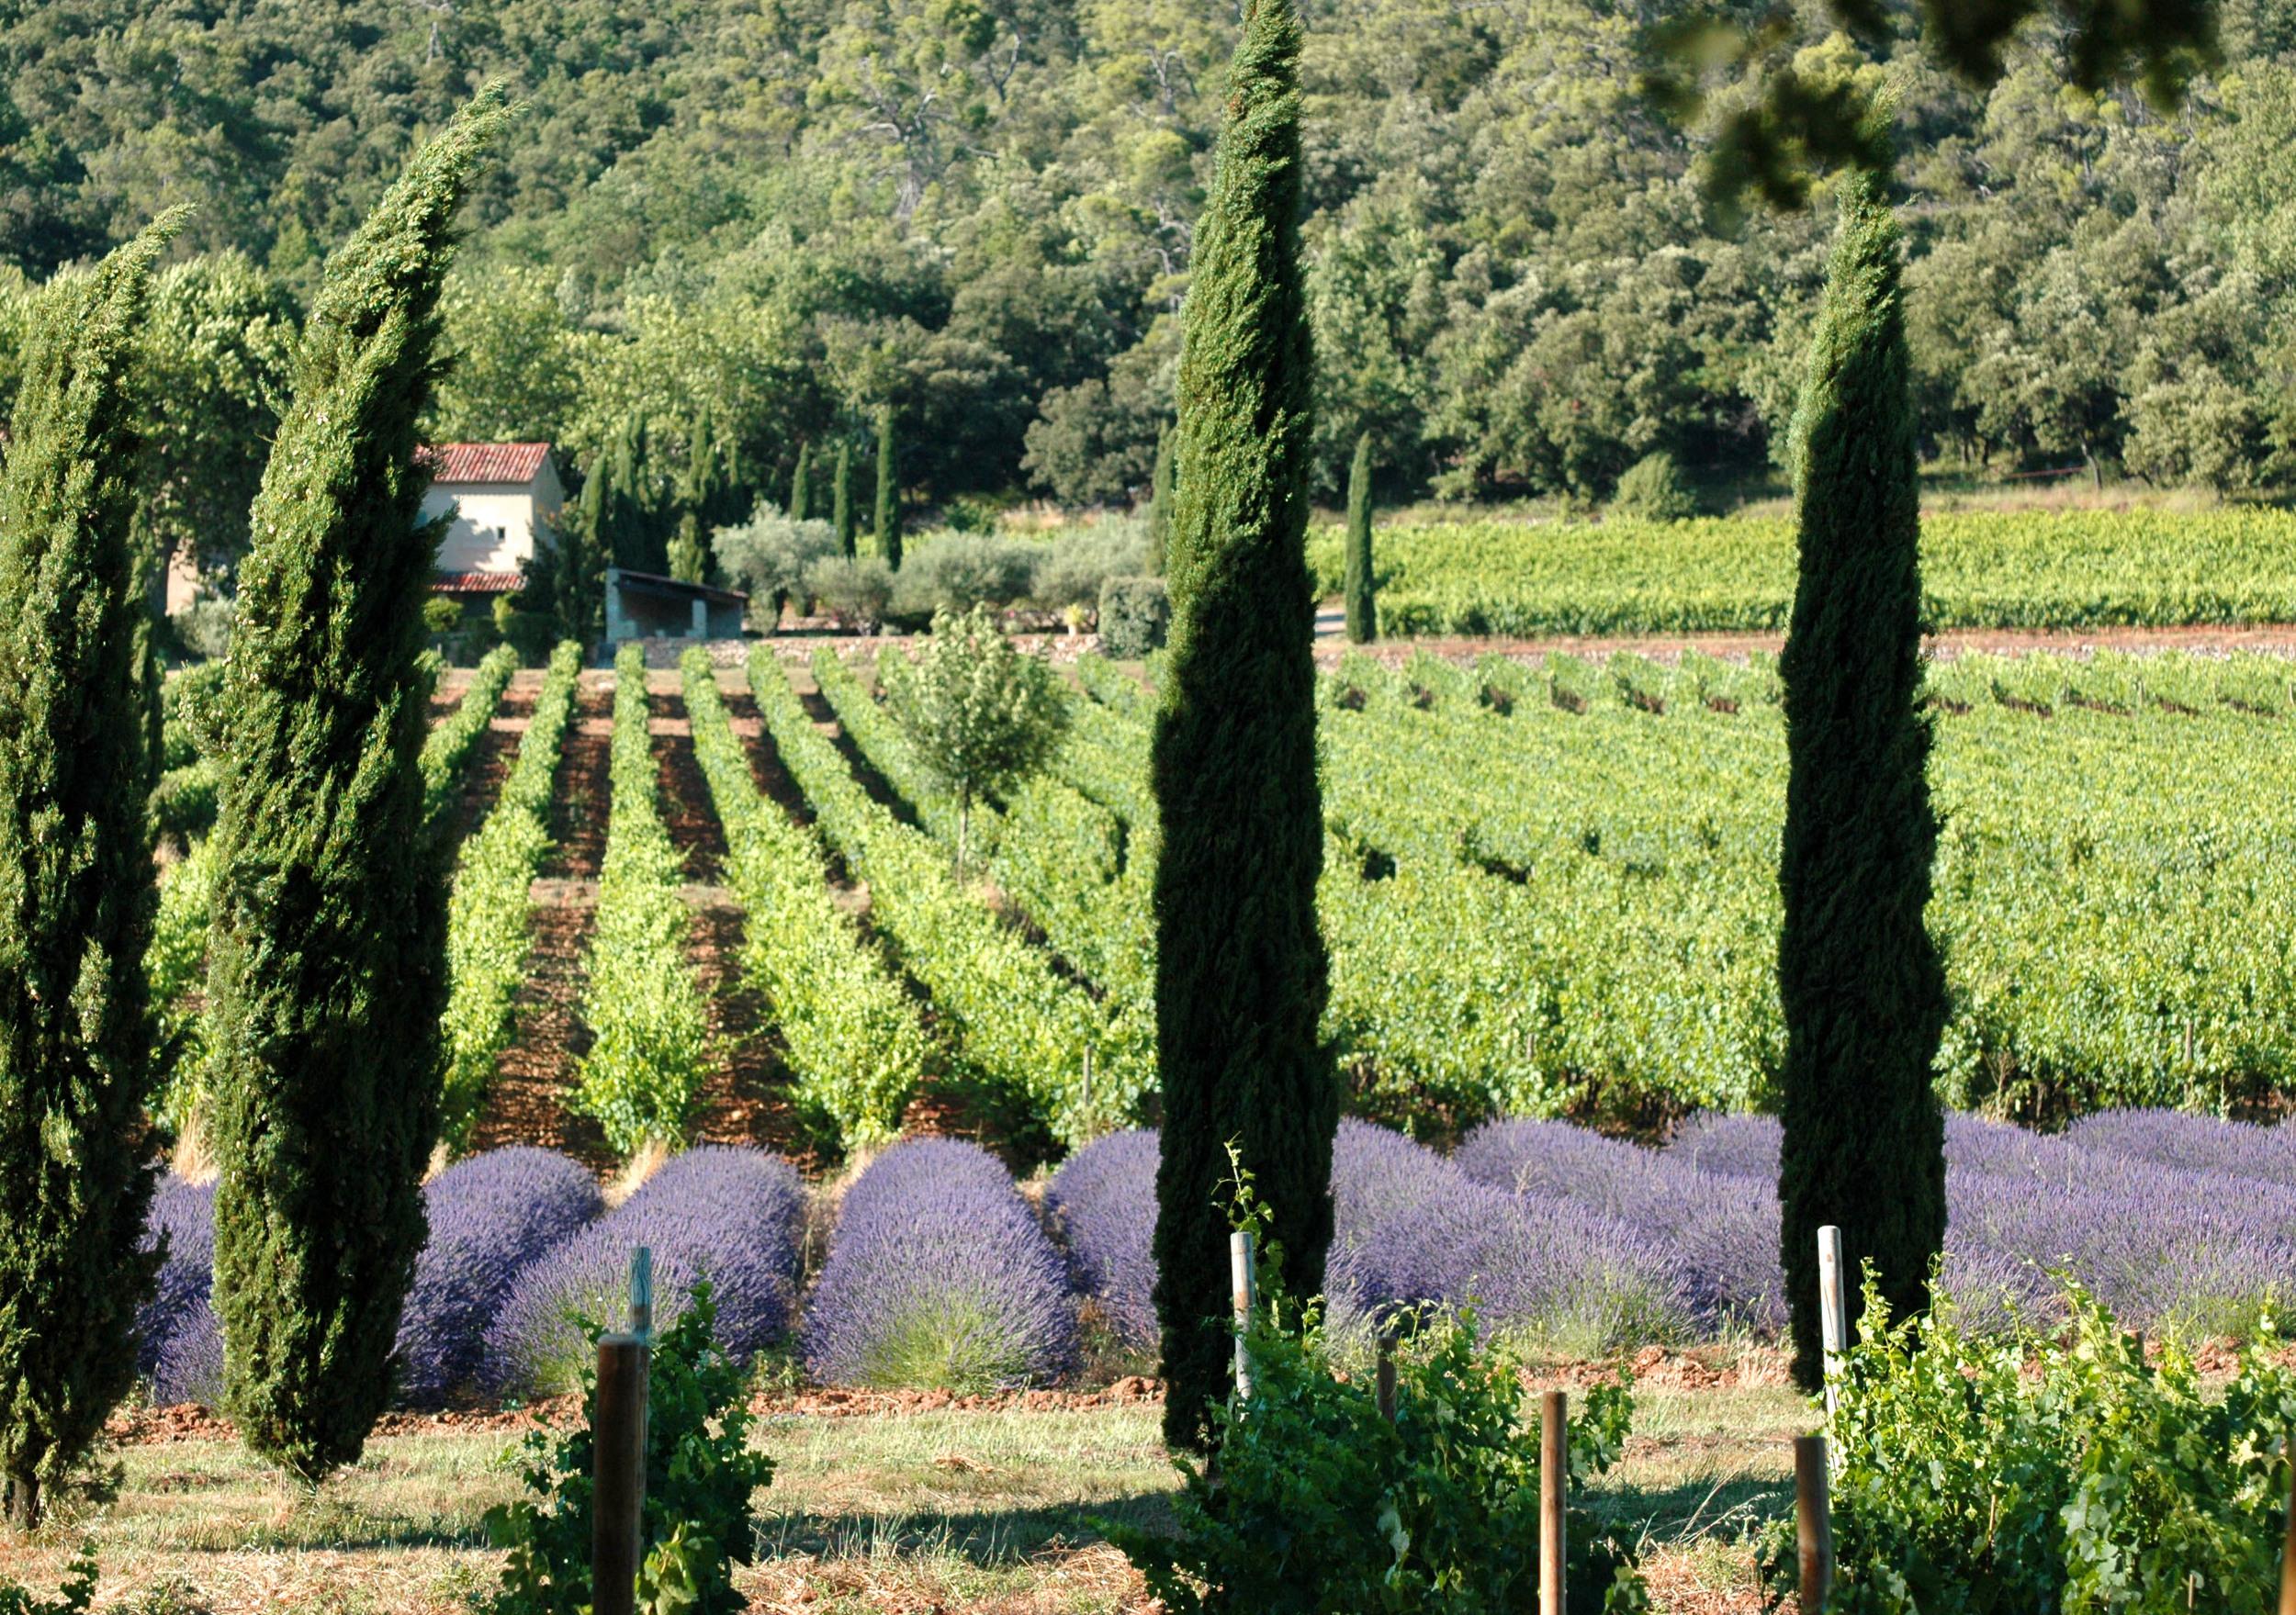 saint-medard-wine-provence-02